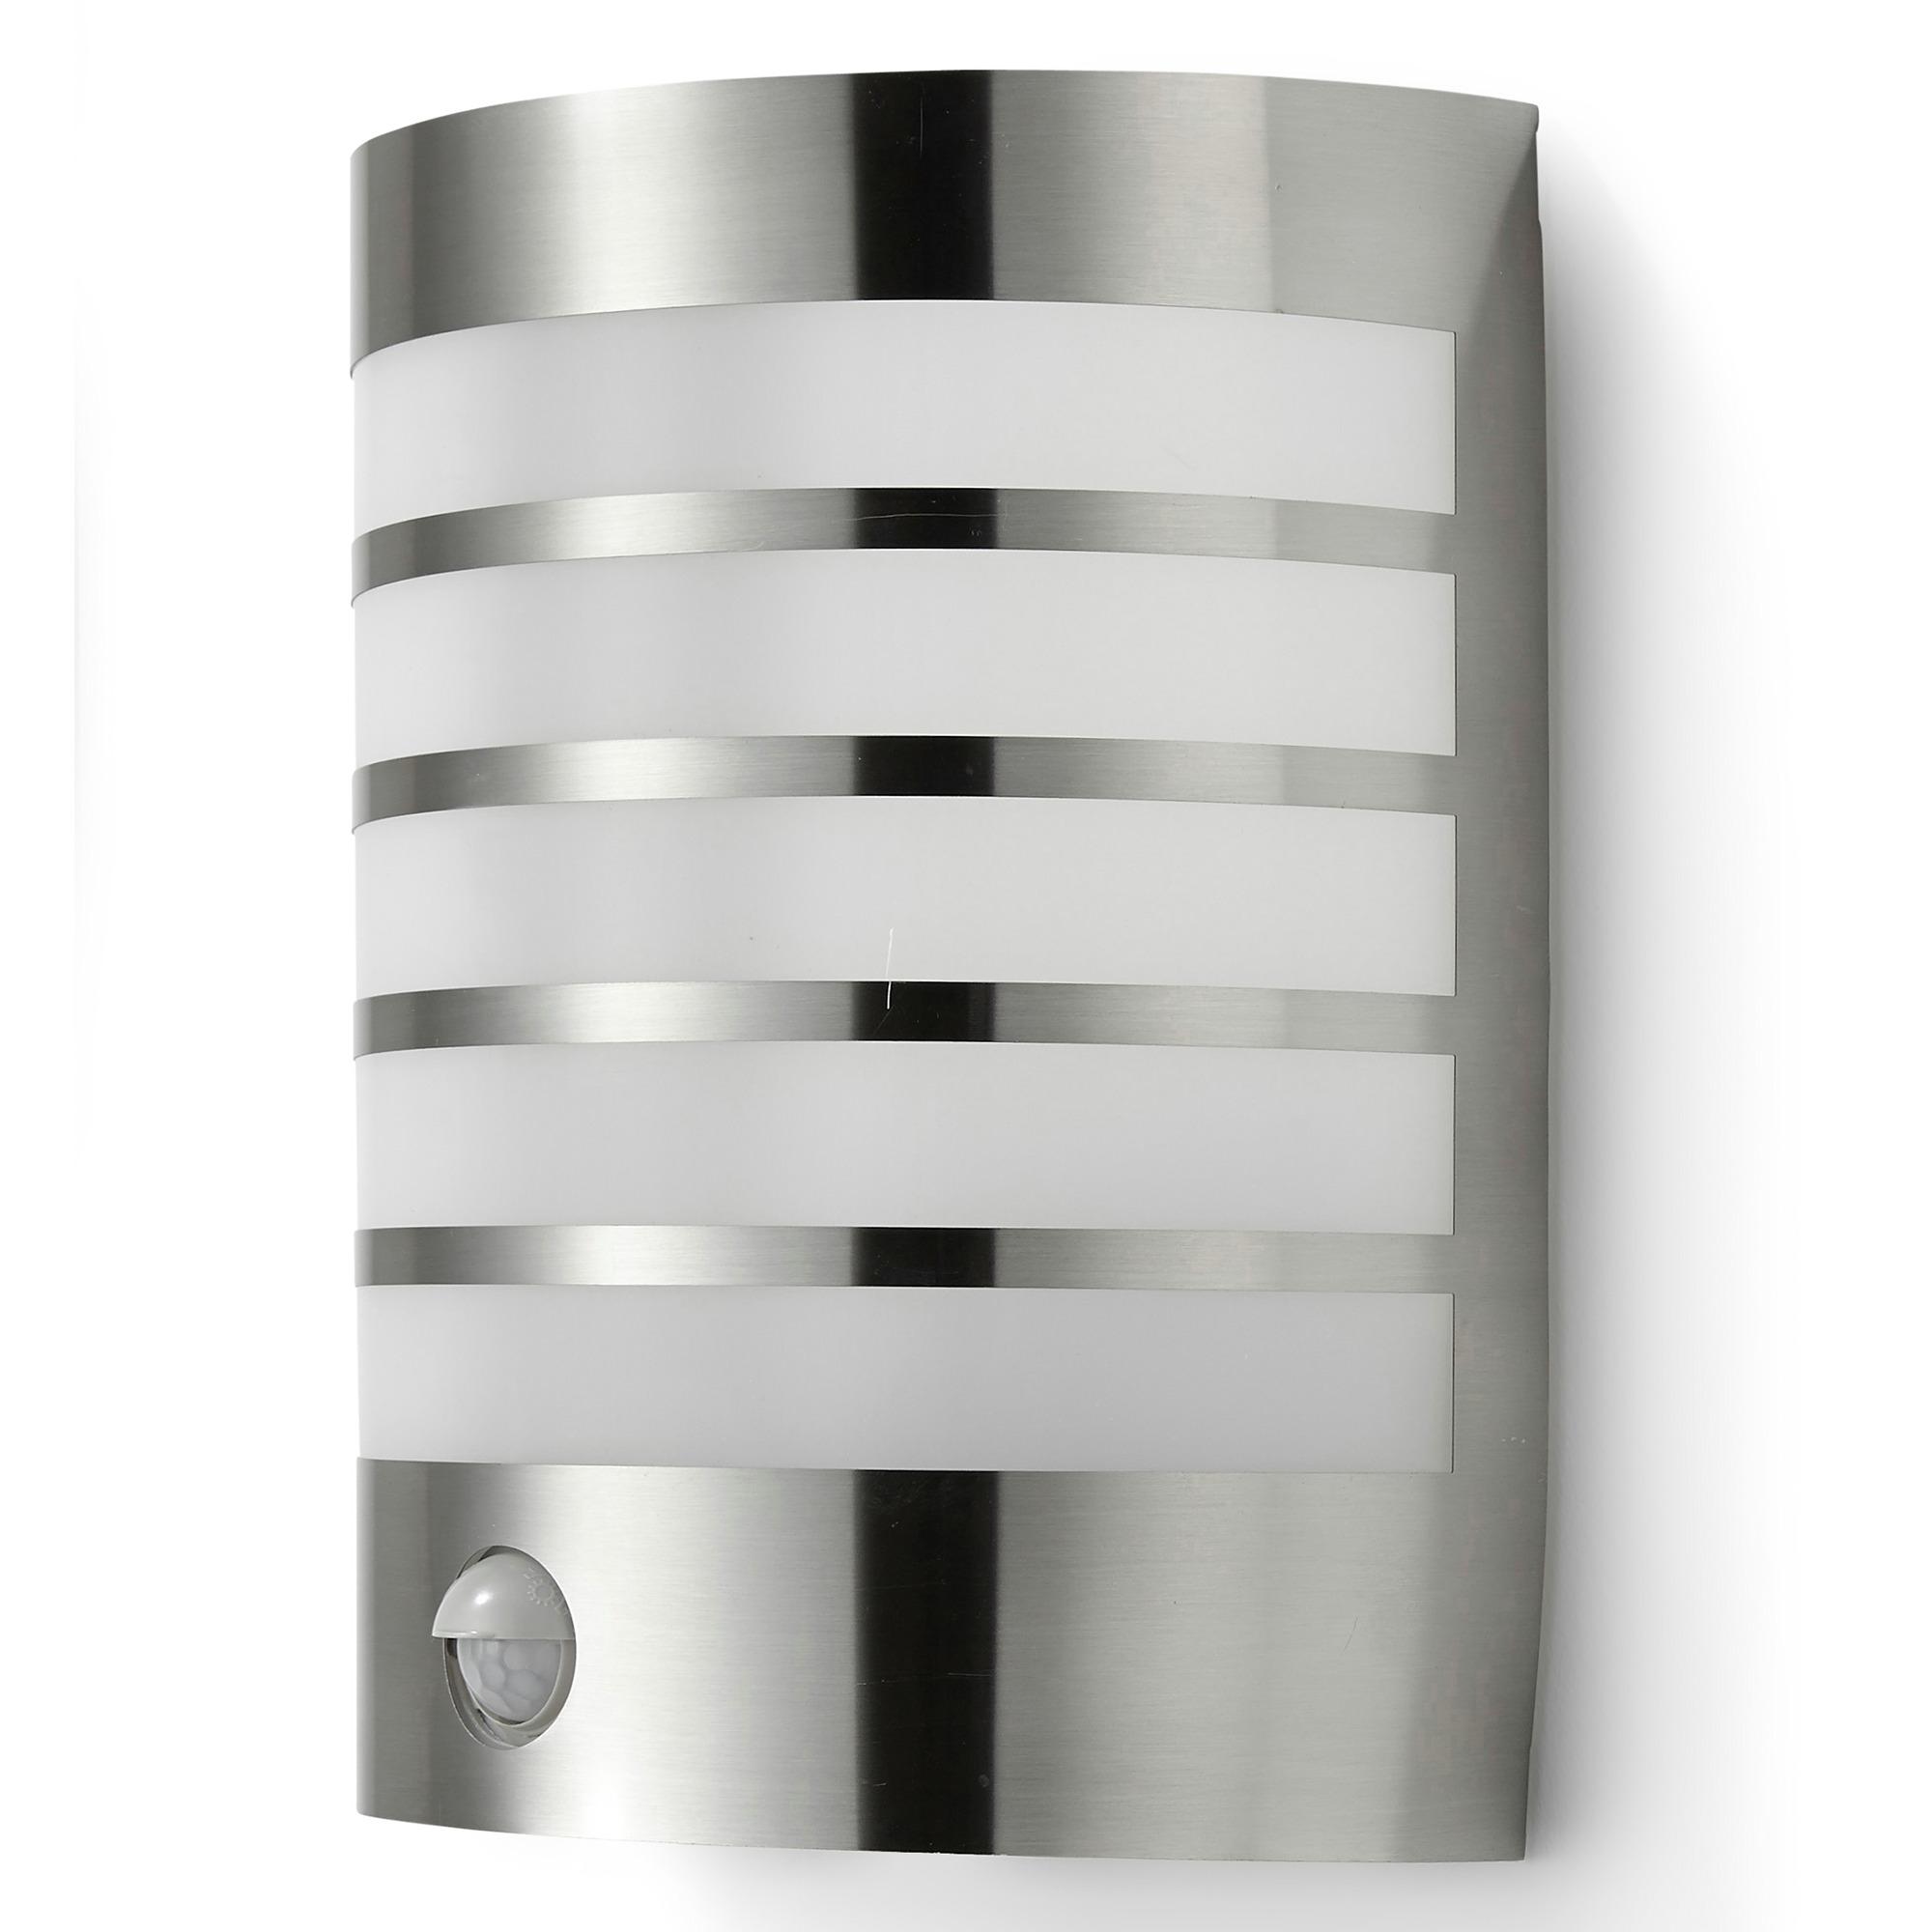 GAMMA buitenlamp Prescot RVS met bewegingssensor